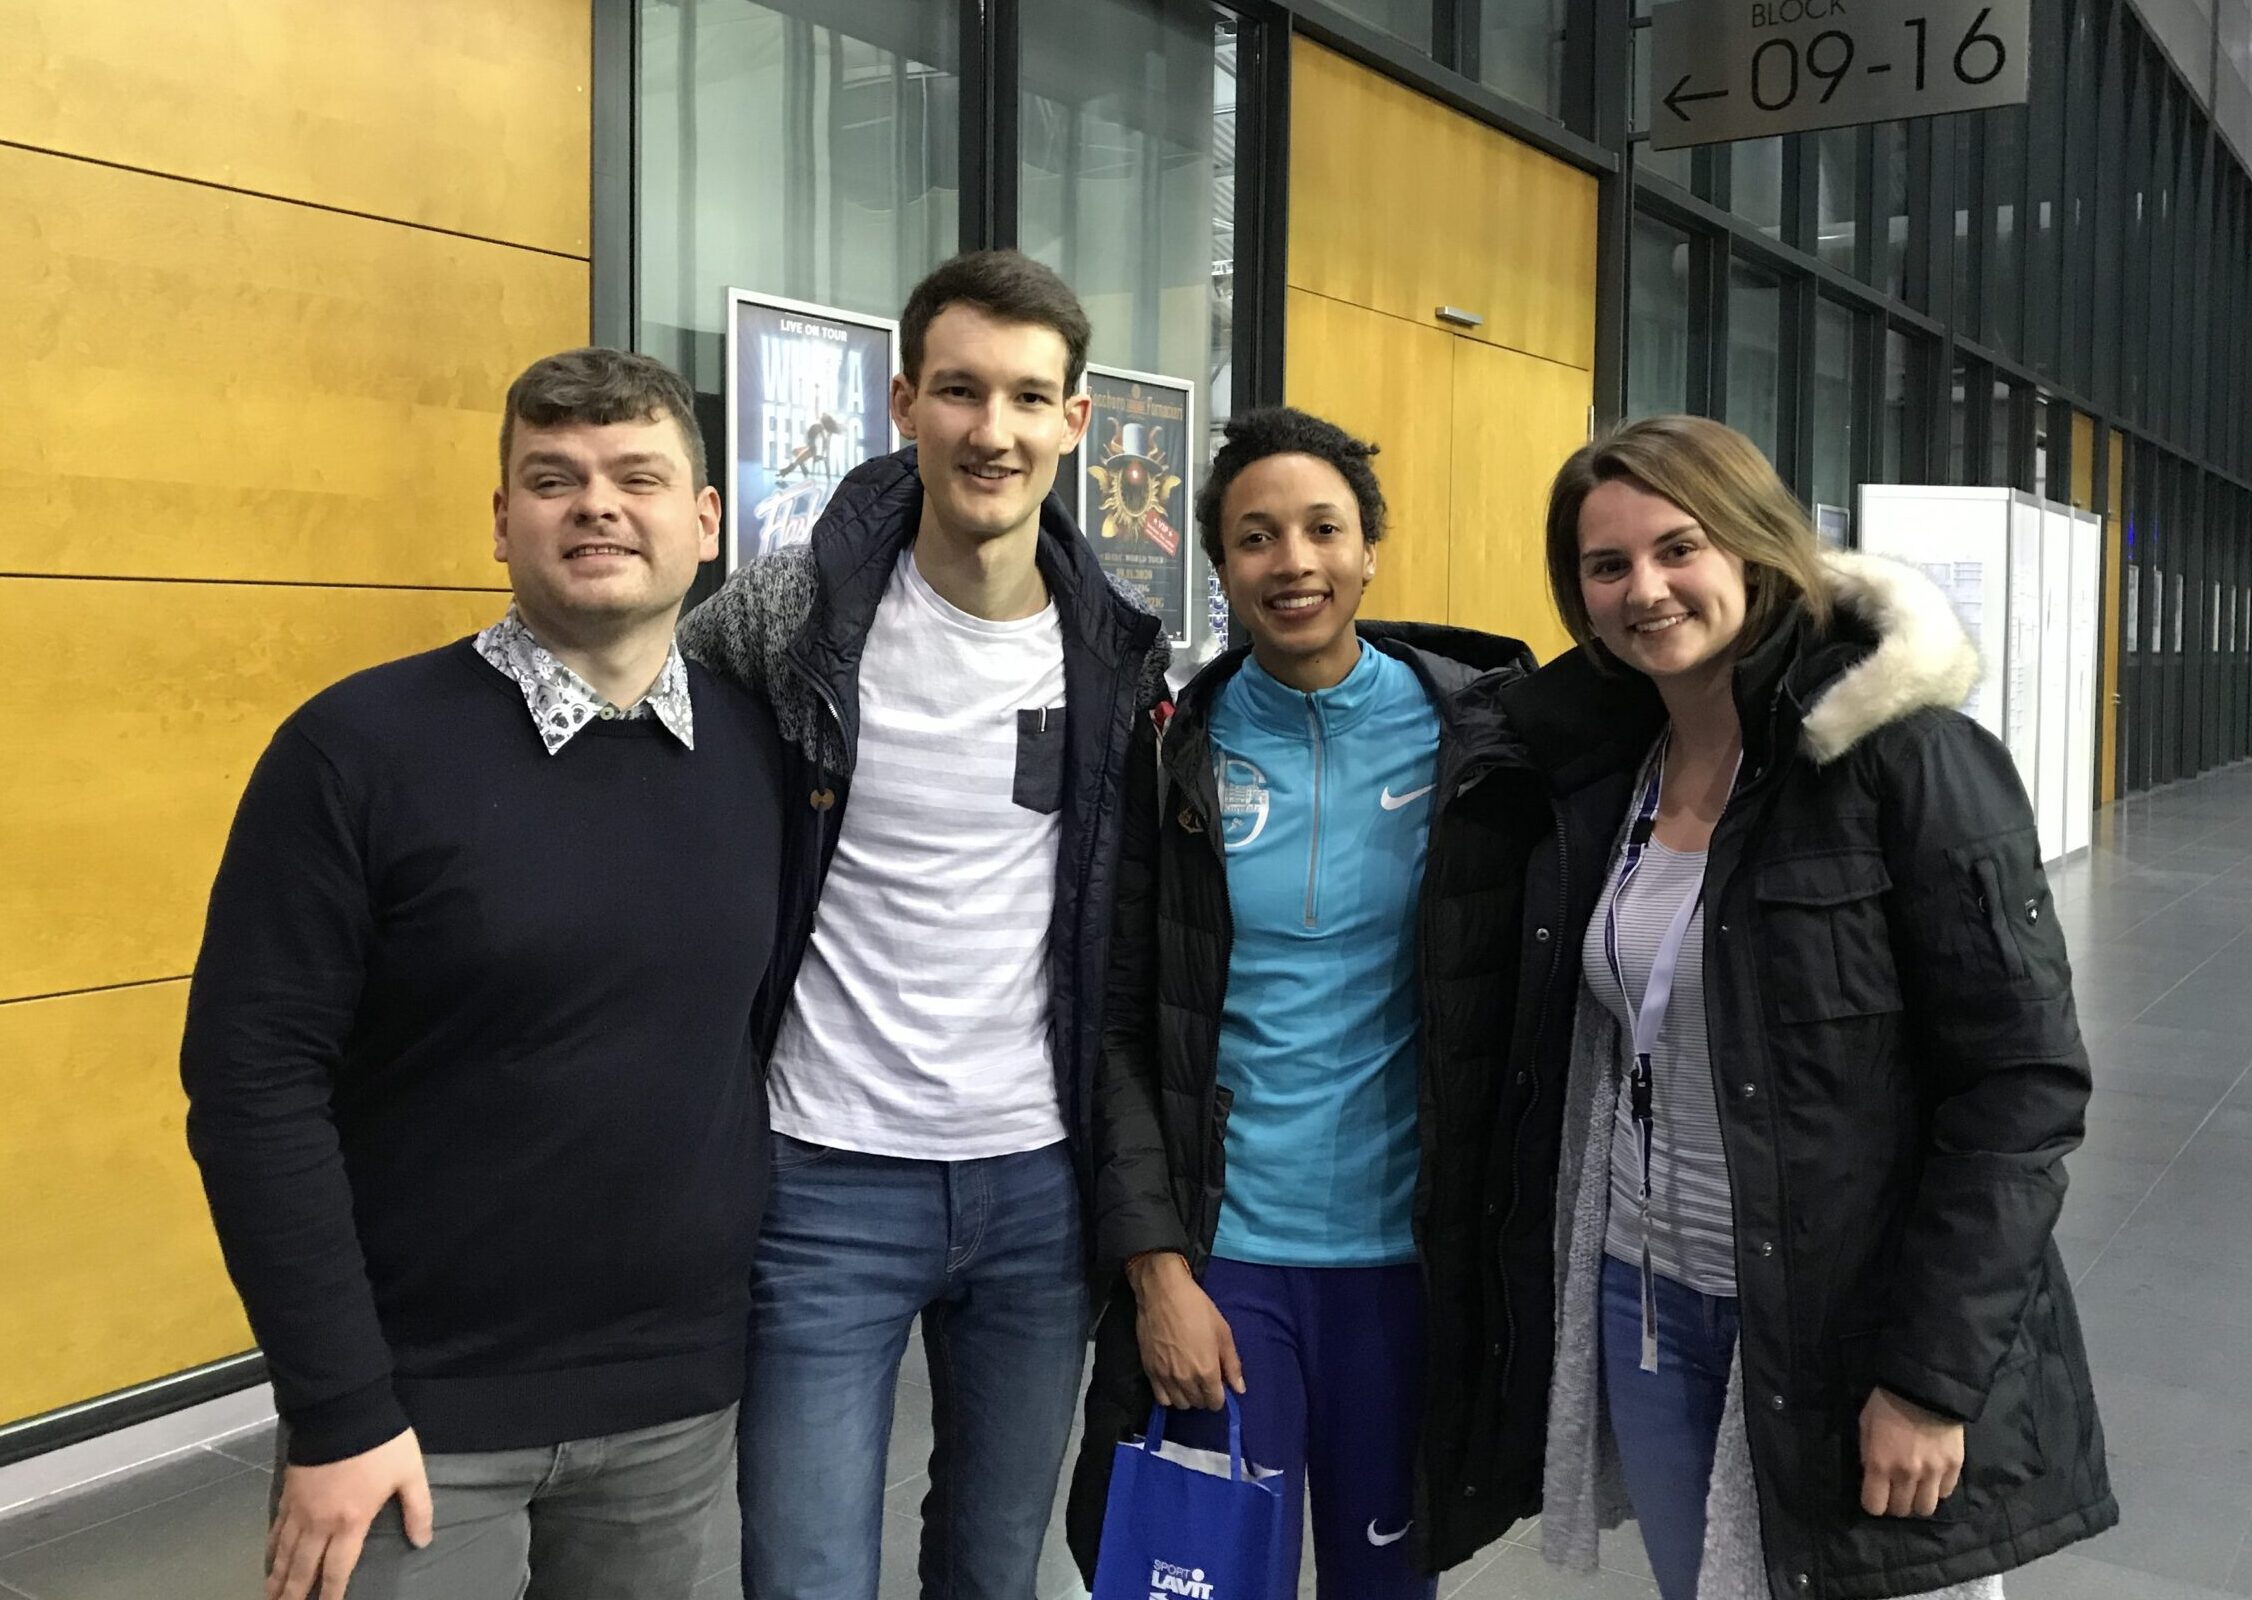 Ein Gruppenfoto mit einem Gast der Audiodeskription, Malaika Mihambo, Florian Eib und Tomke Koop von HörMal Audiodeskription.